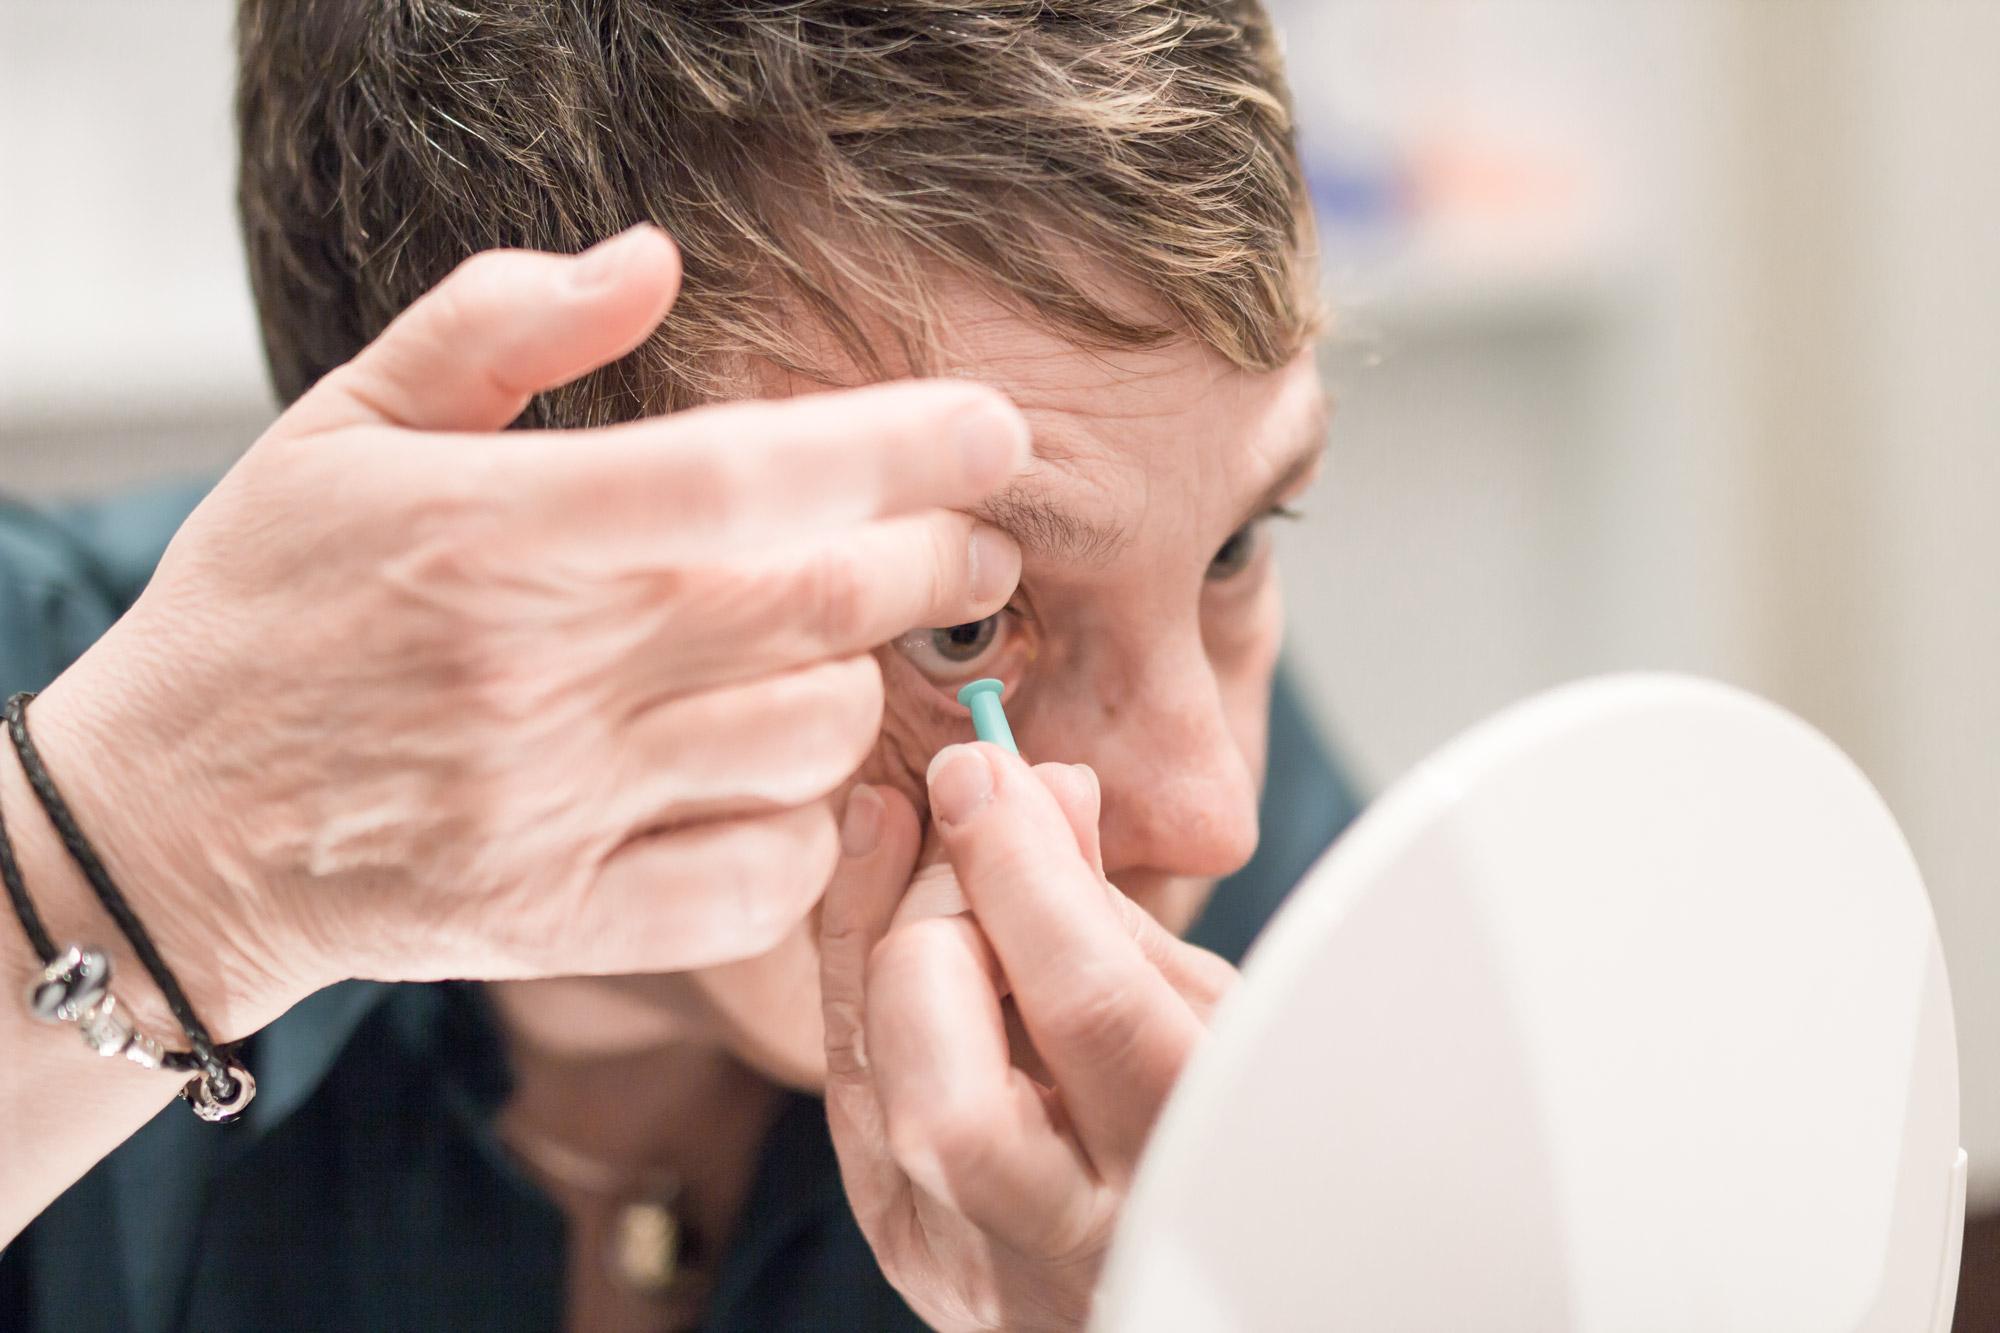 Dreamlens auf dem Auge - auch das aussetzen der Linse ist kein Problem